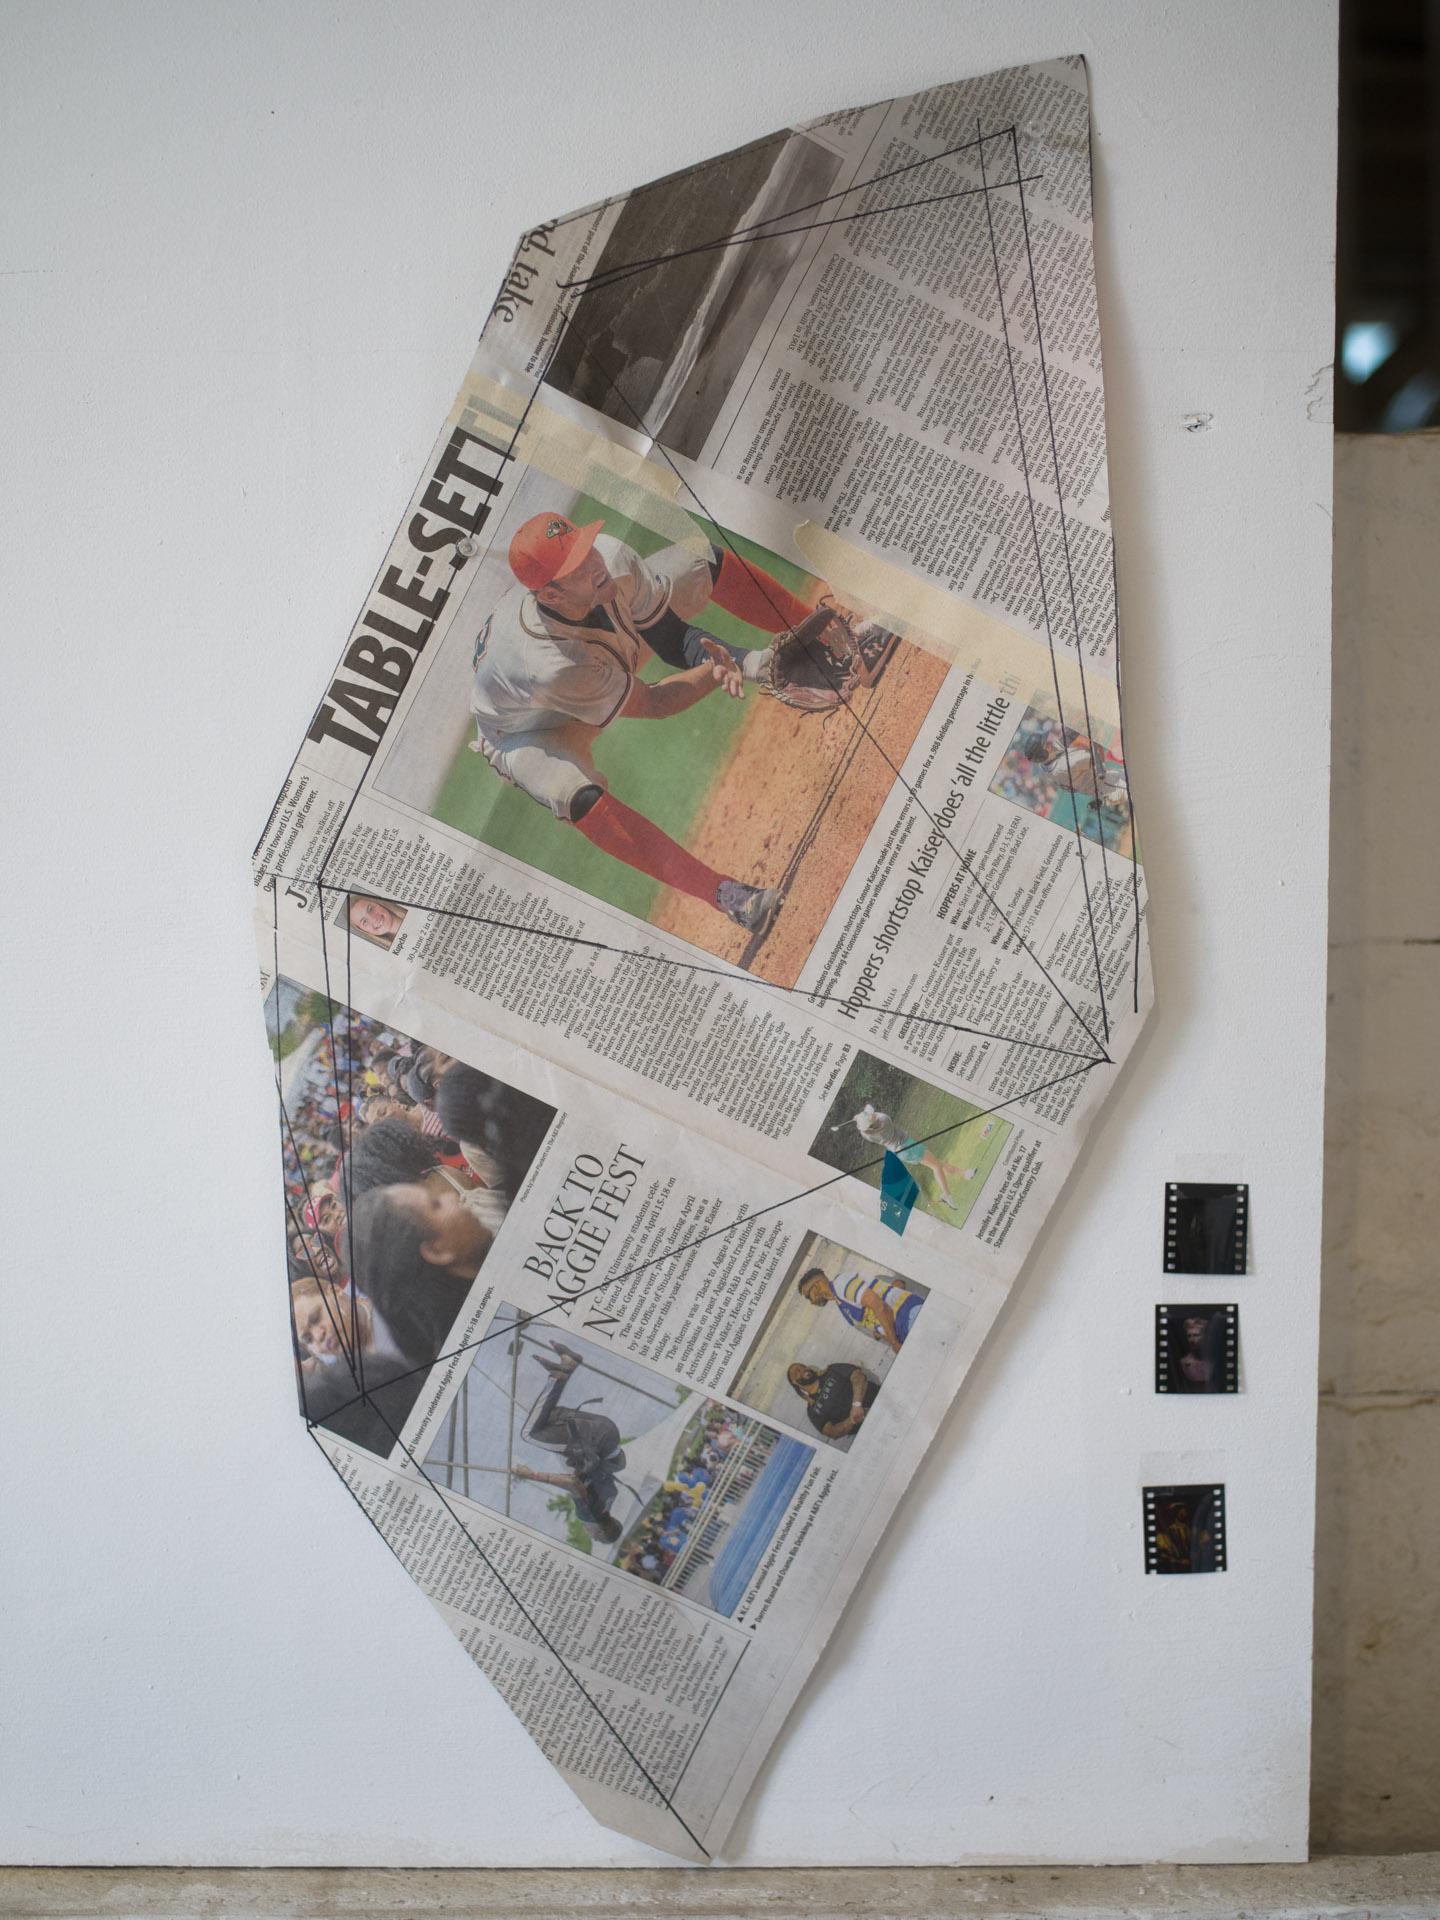 wassaic-project-artist-courtney-mcclellan-2019-05-28-14-45-14.jpg